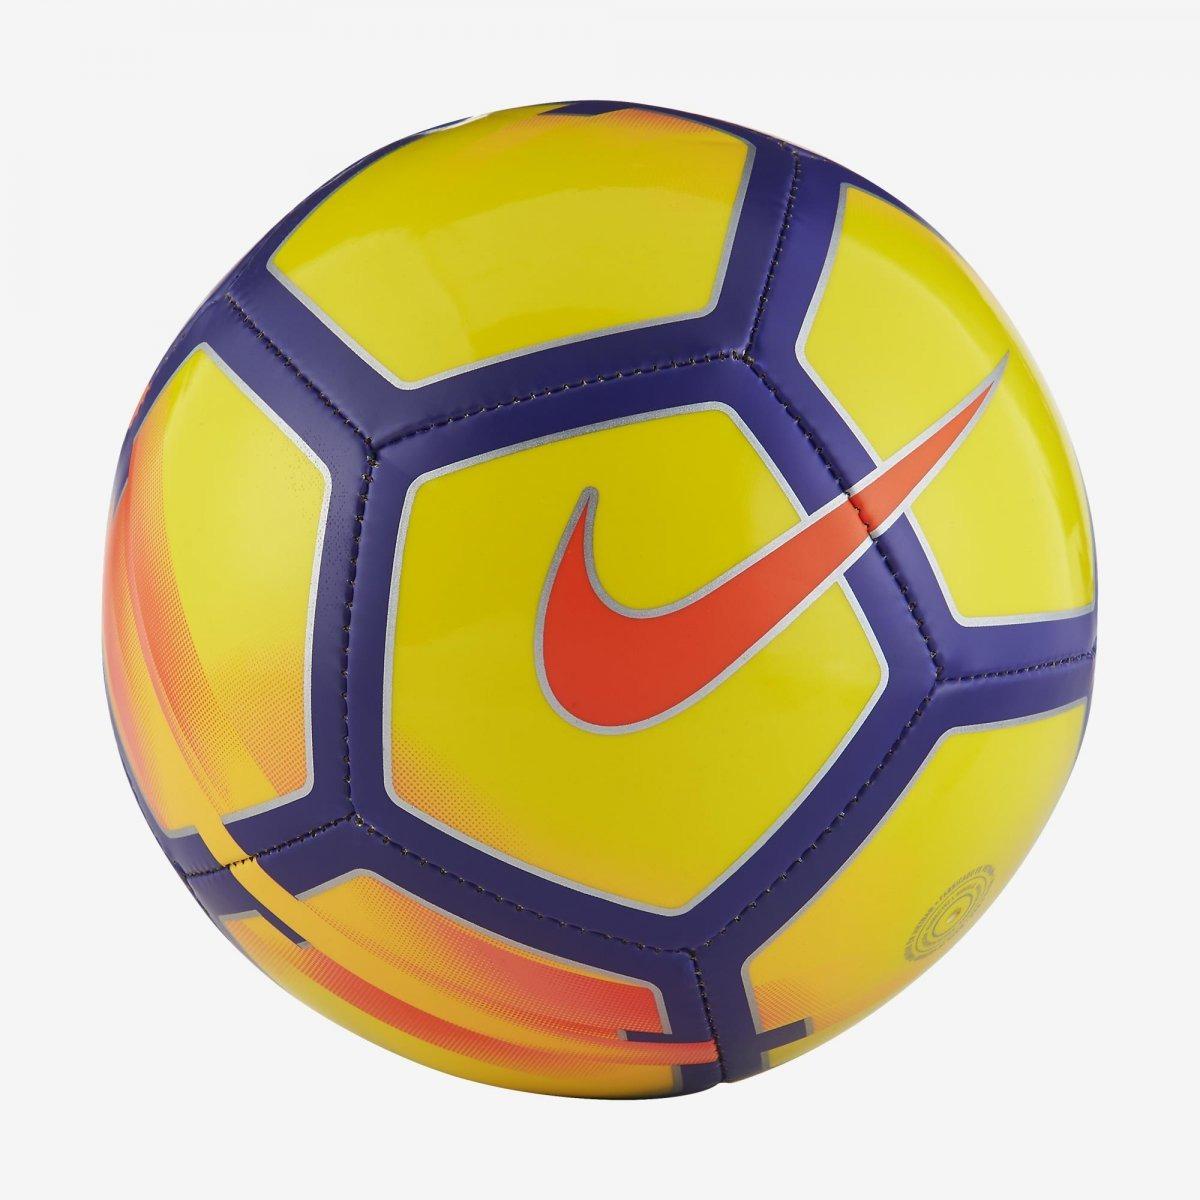 6796395c65a30 mini bola futebol nike skills sc3112-707 amarelo. Carregando zoom.